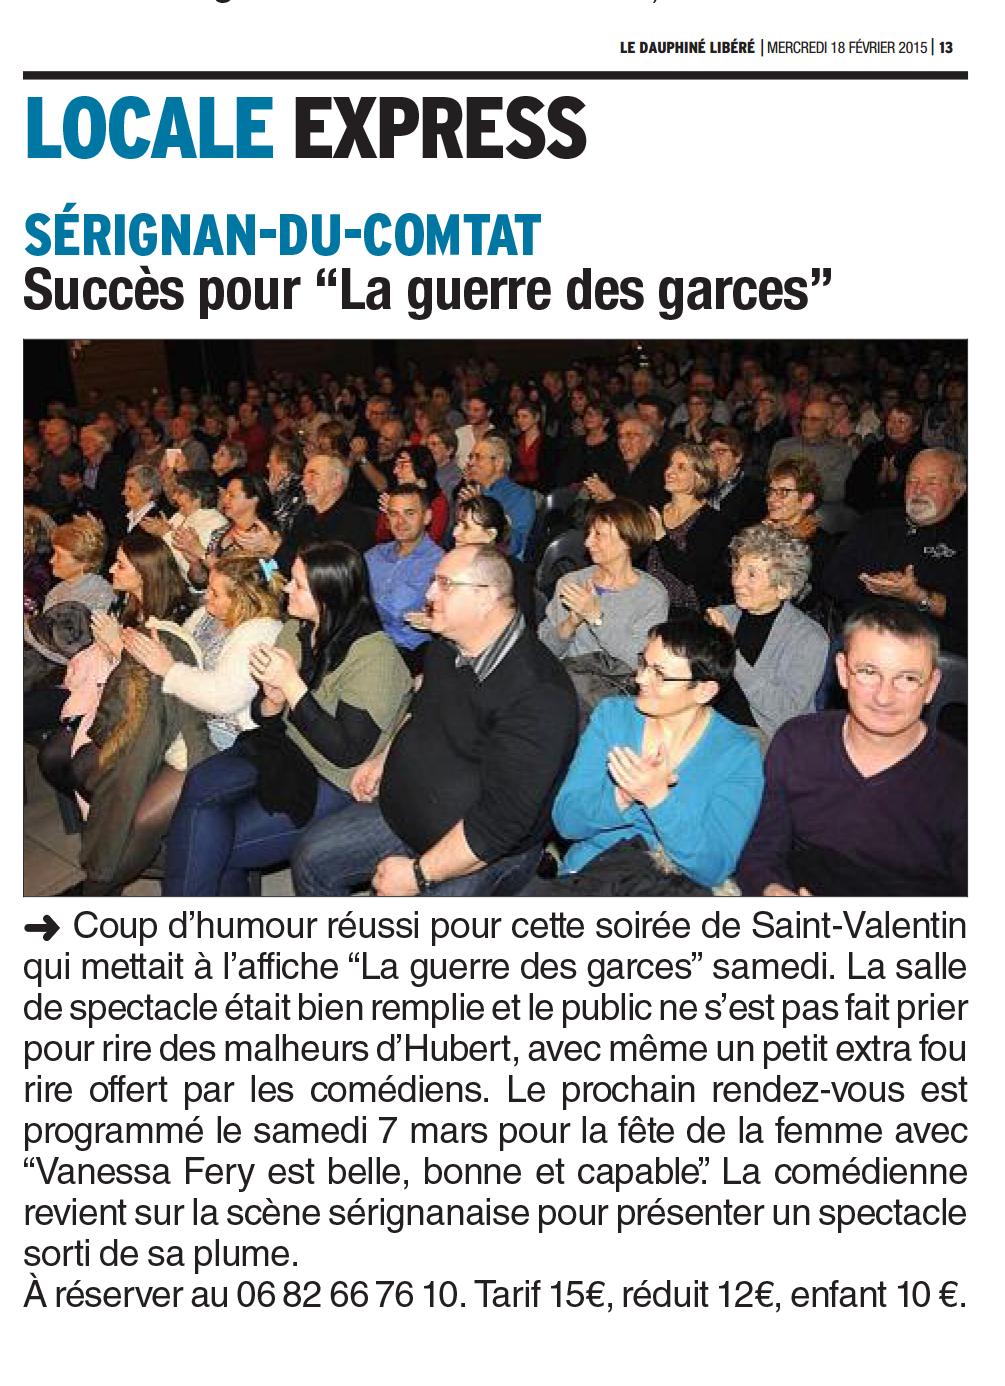 PDF-Page_13-edition-du-haut-vaucluse_20150218